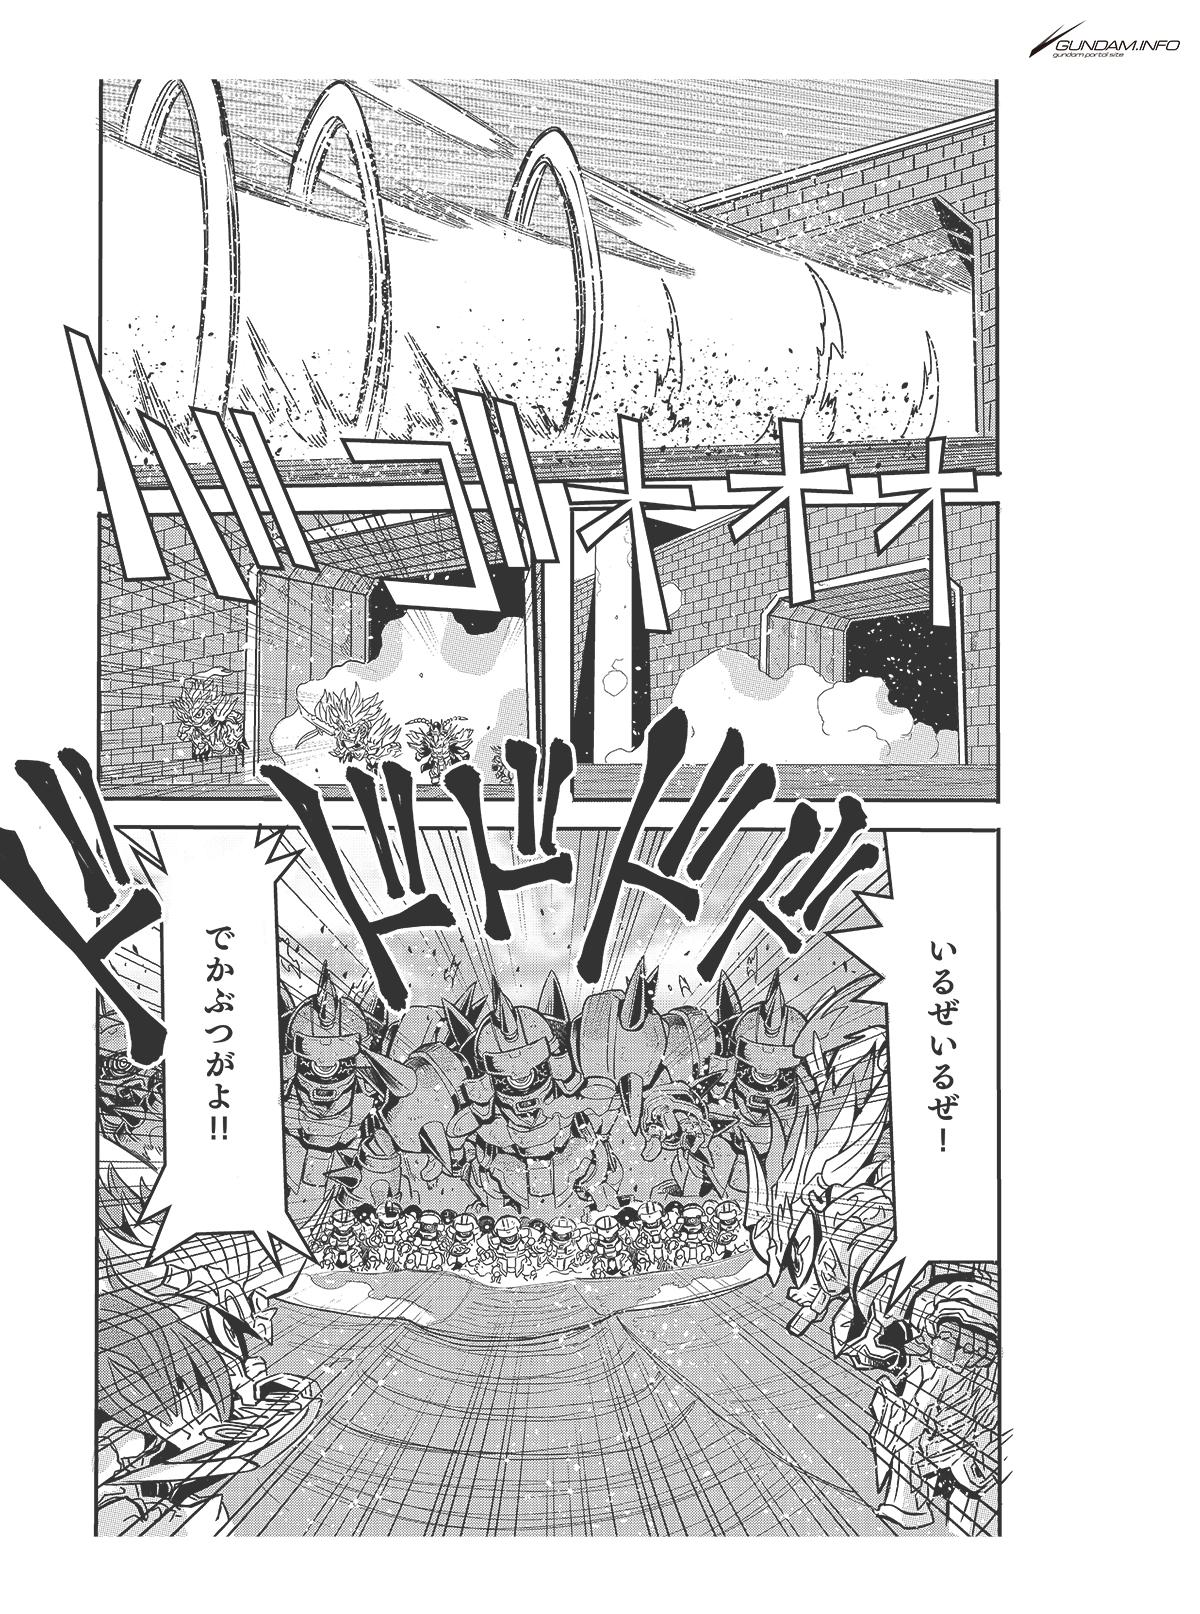 SDガンダムワールド 三国創傑伝 焔虎譚 第8話 P12